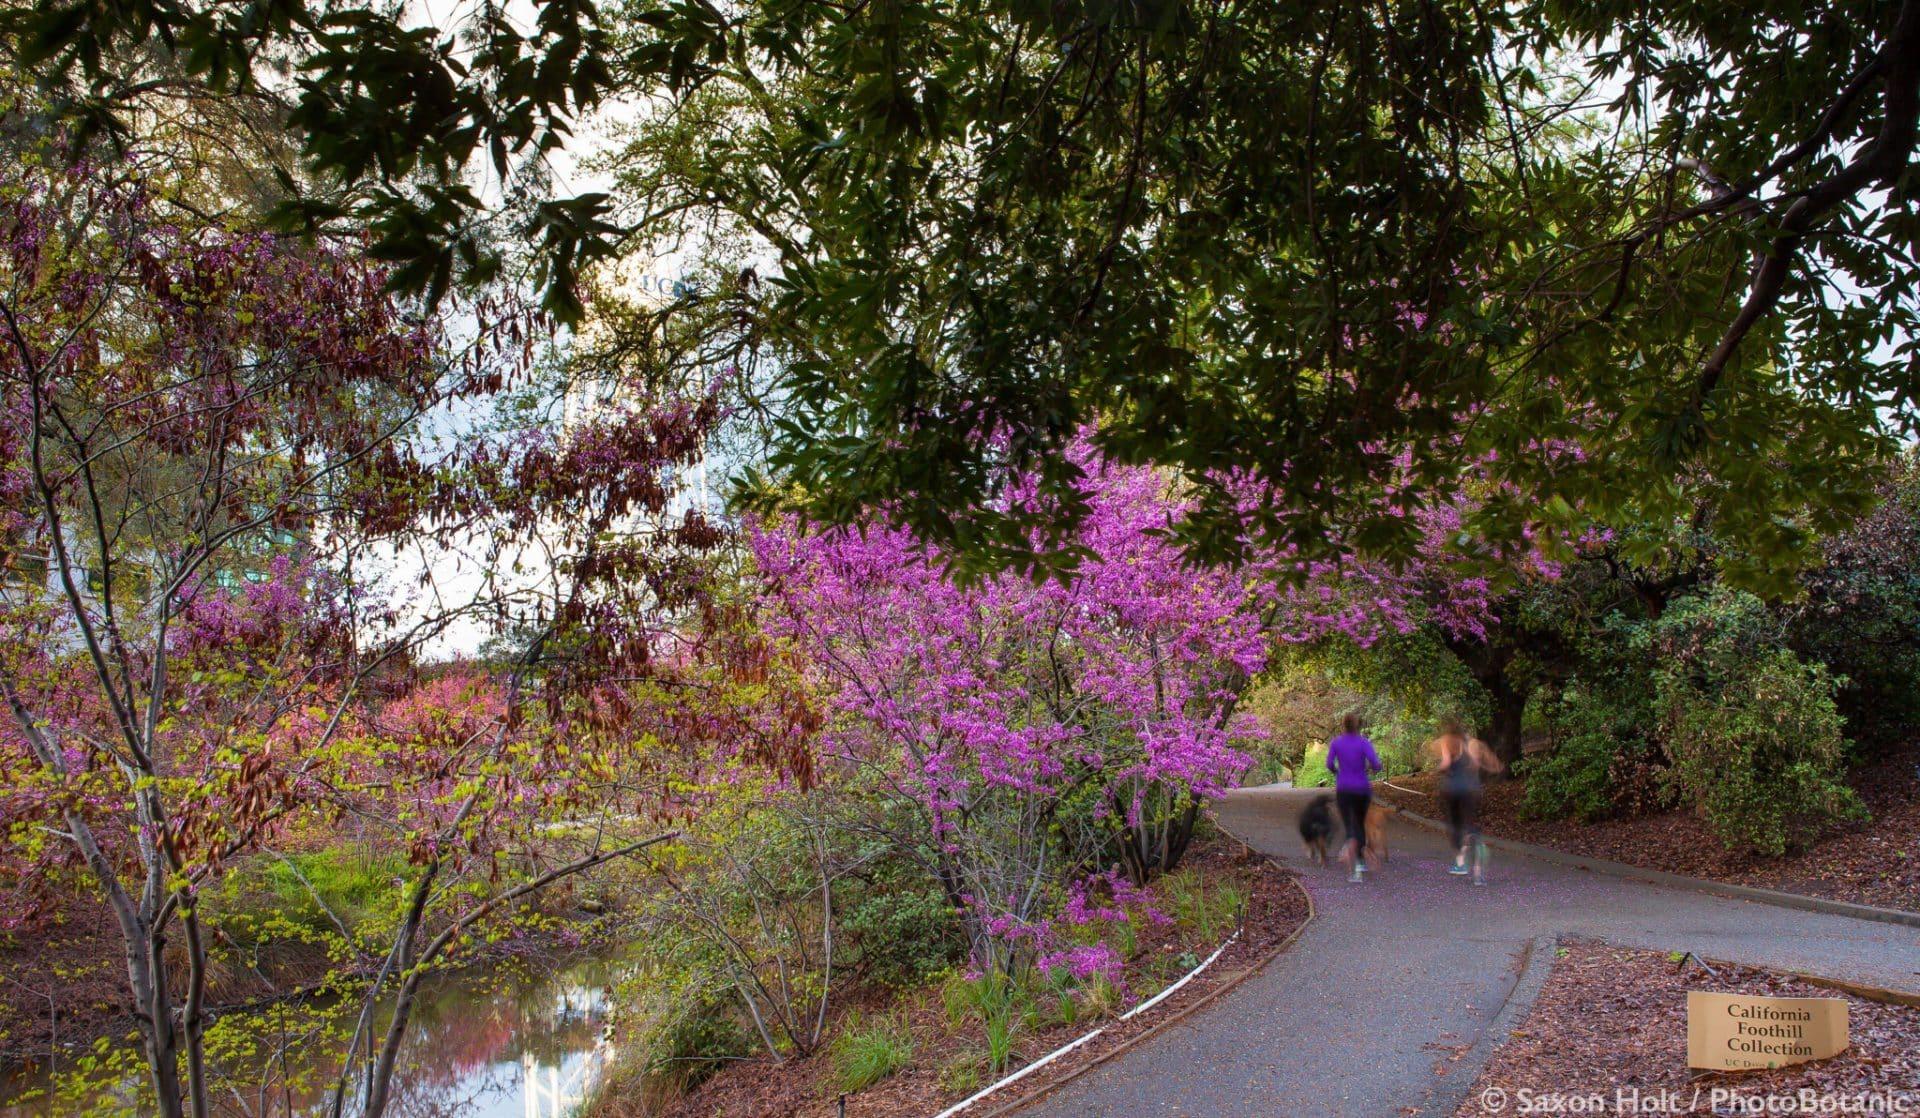 University of California Davis Arboretum